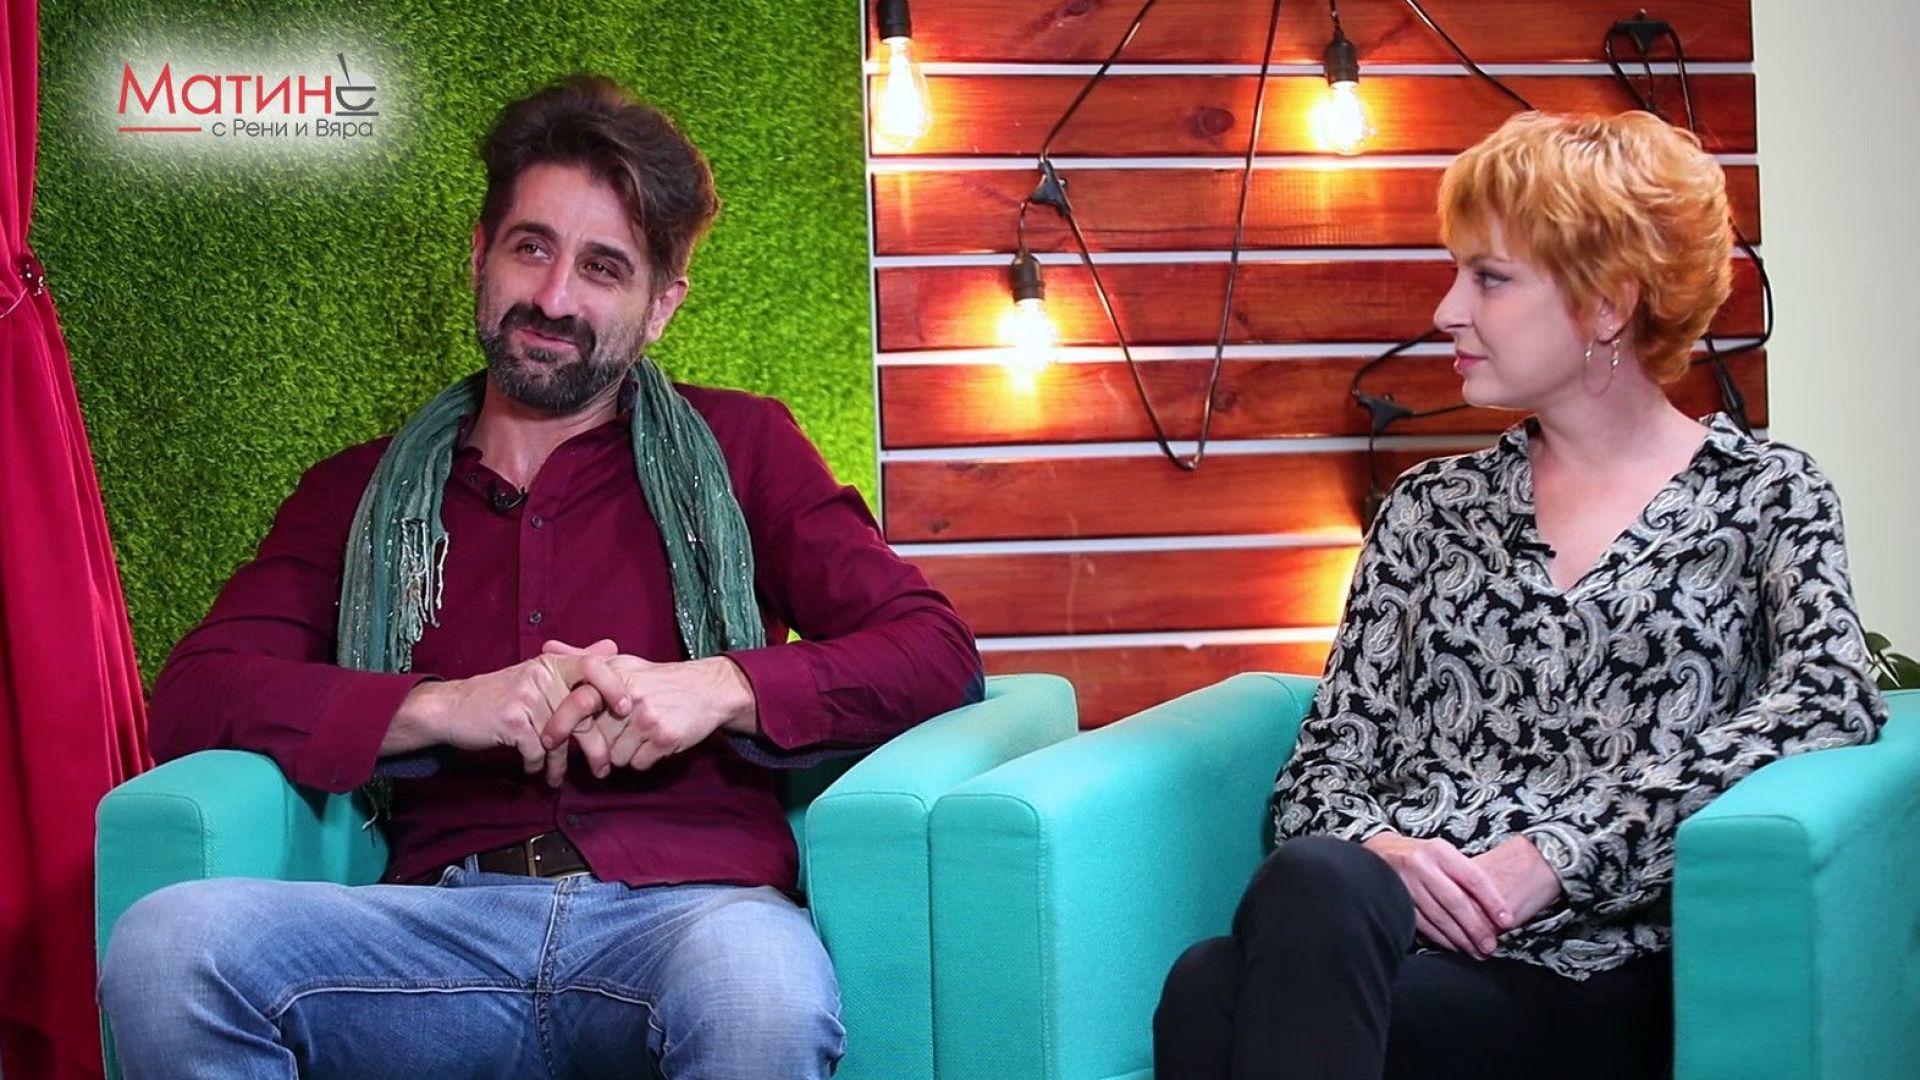 Филип и Милена Аврамови - влюбени като на кино